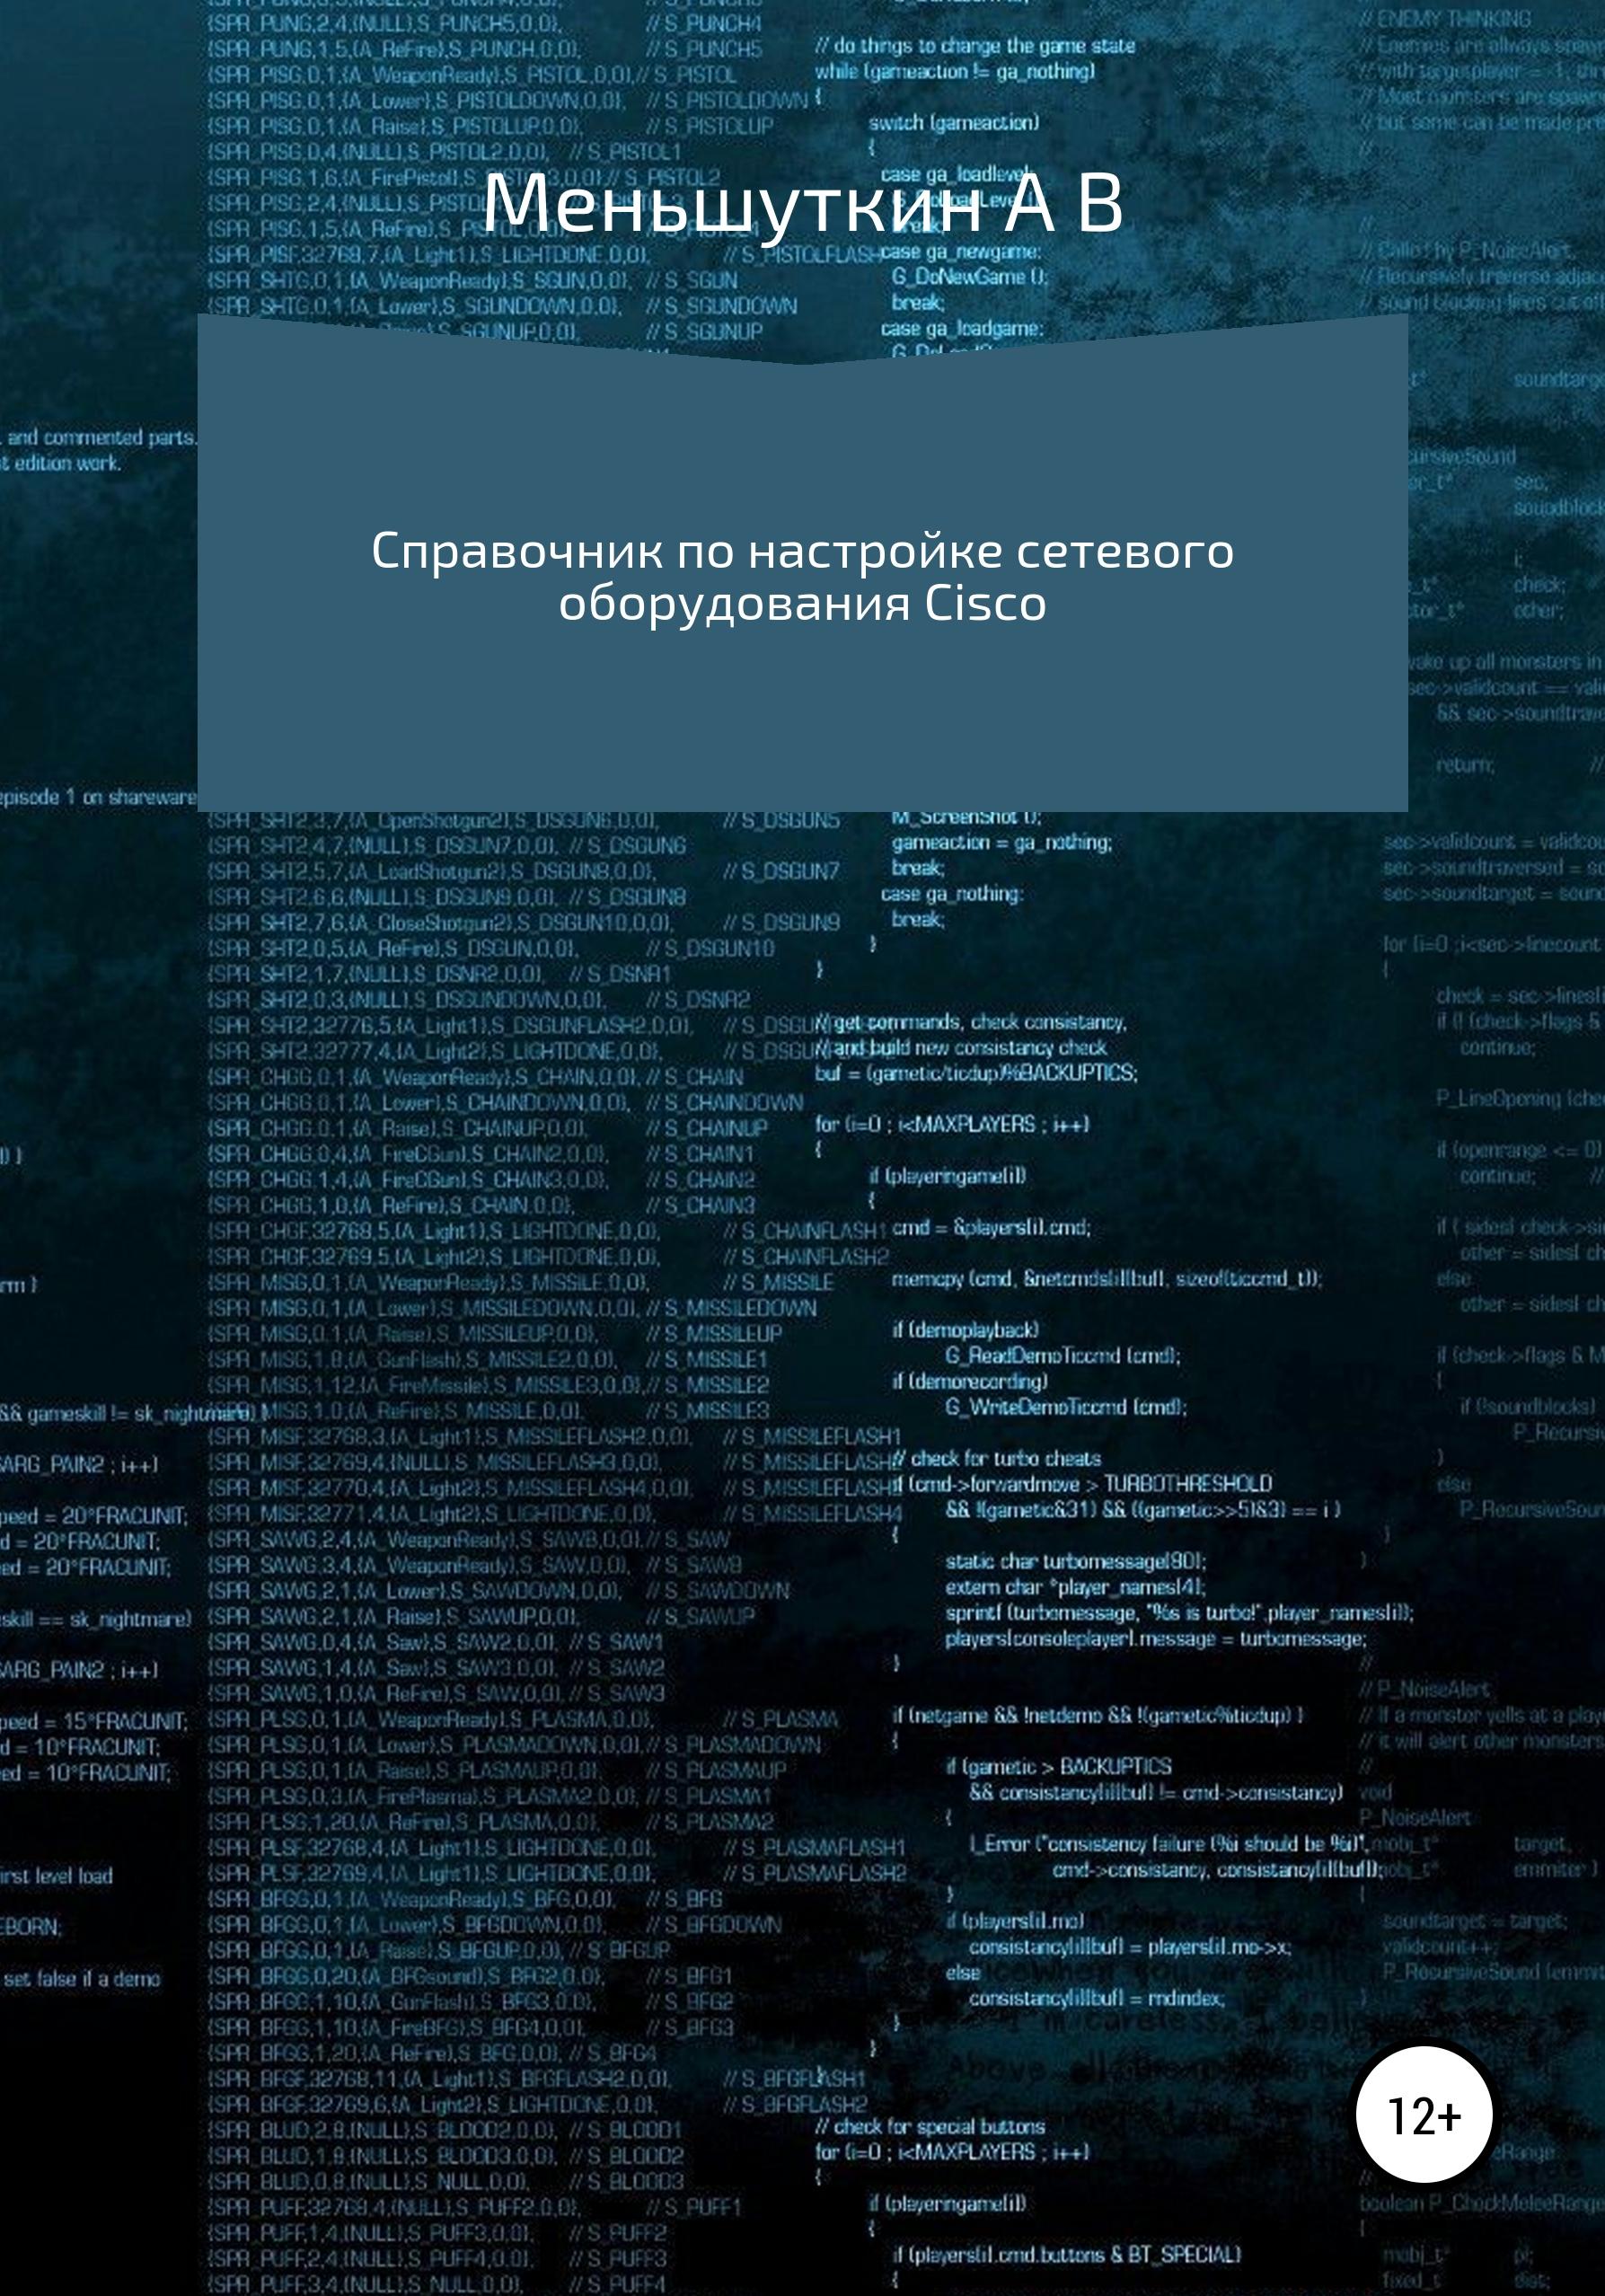 Справочник по настройке сетевого оборудования Cisco